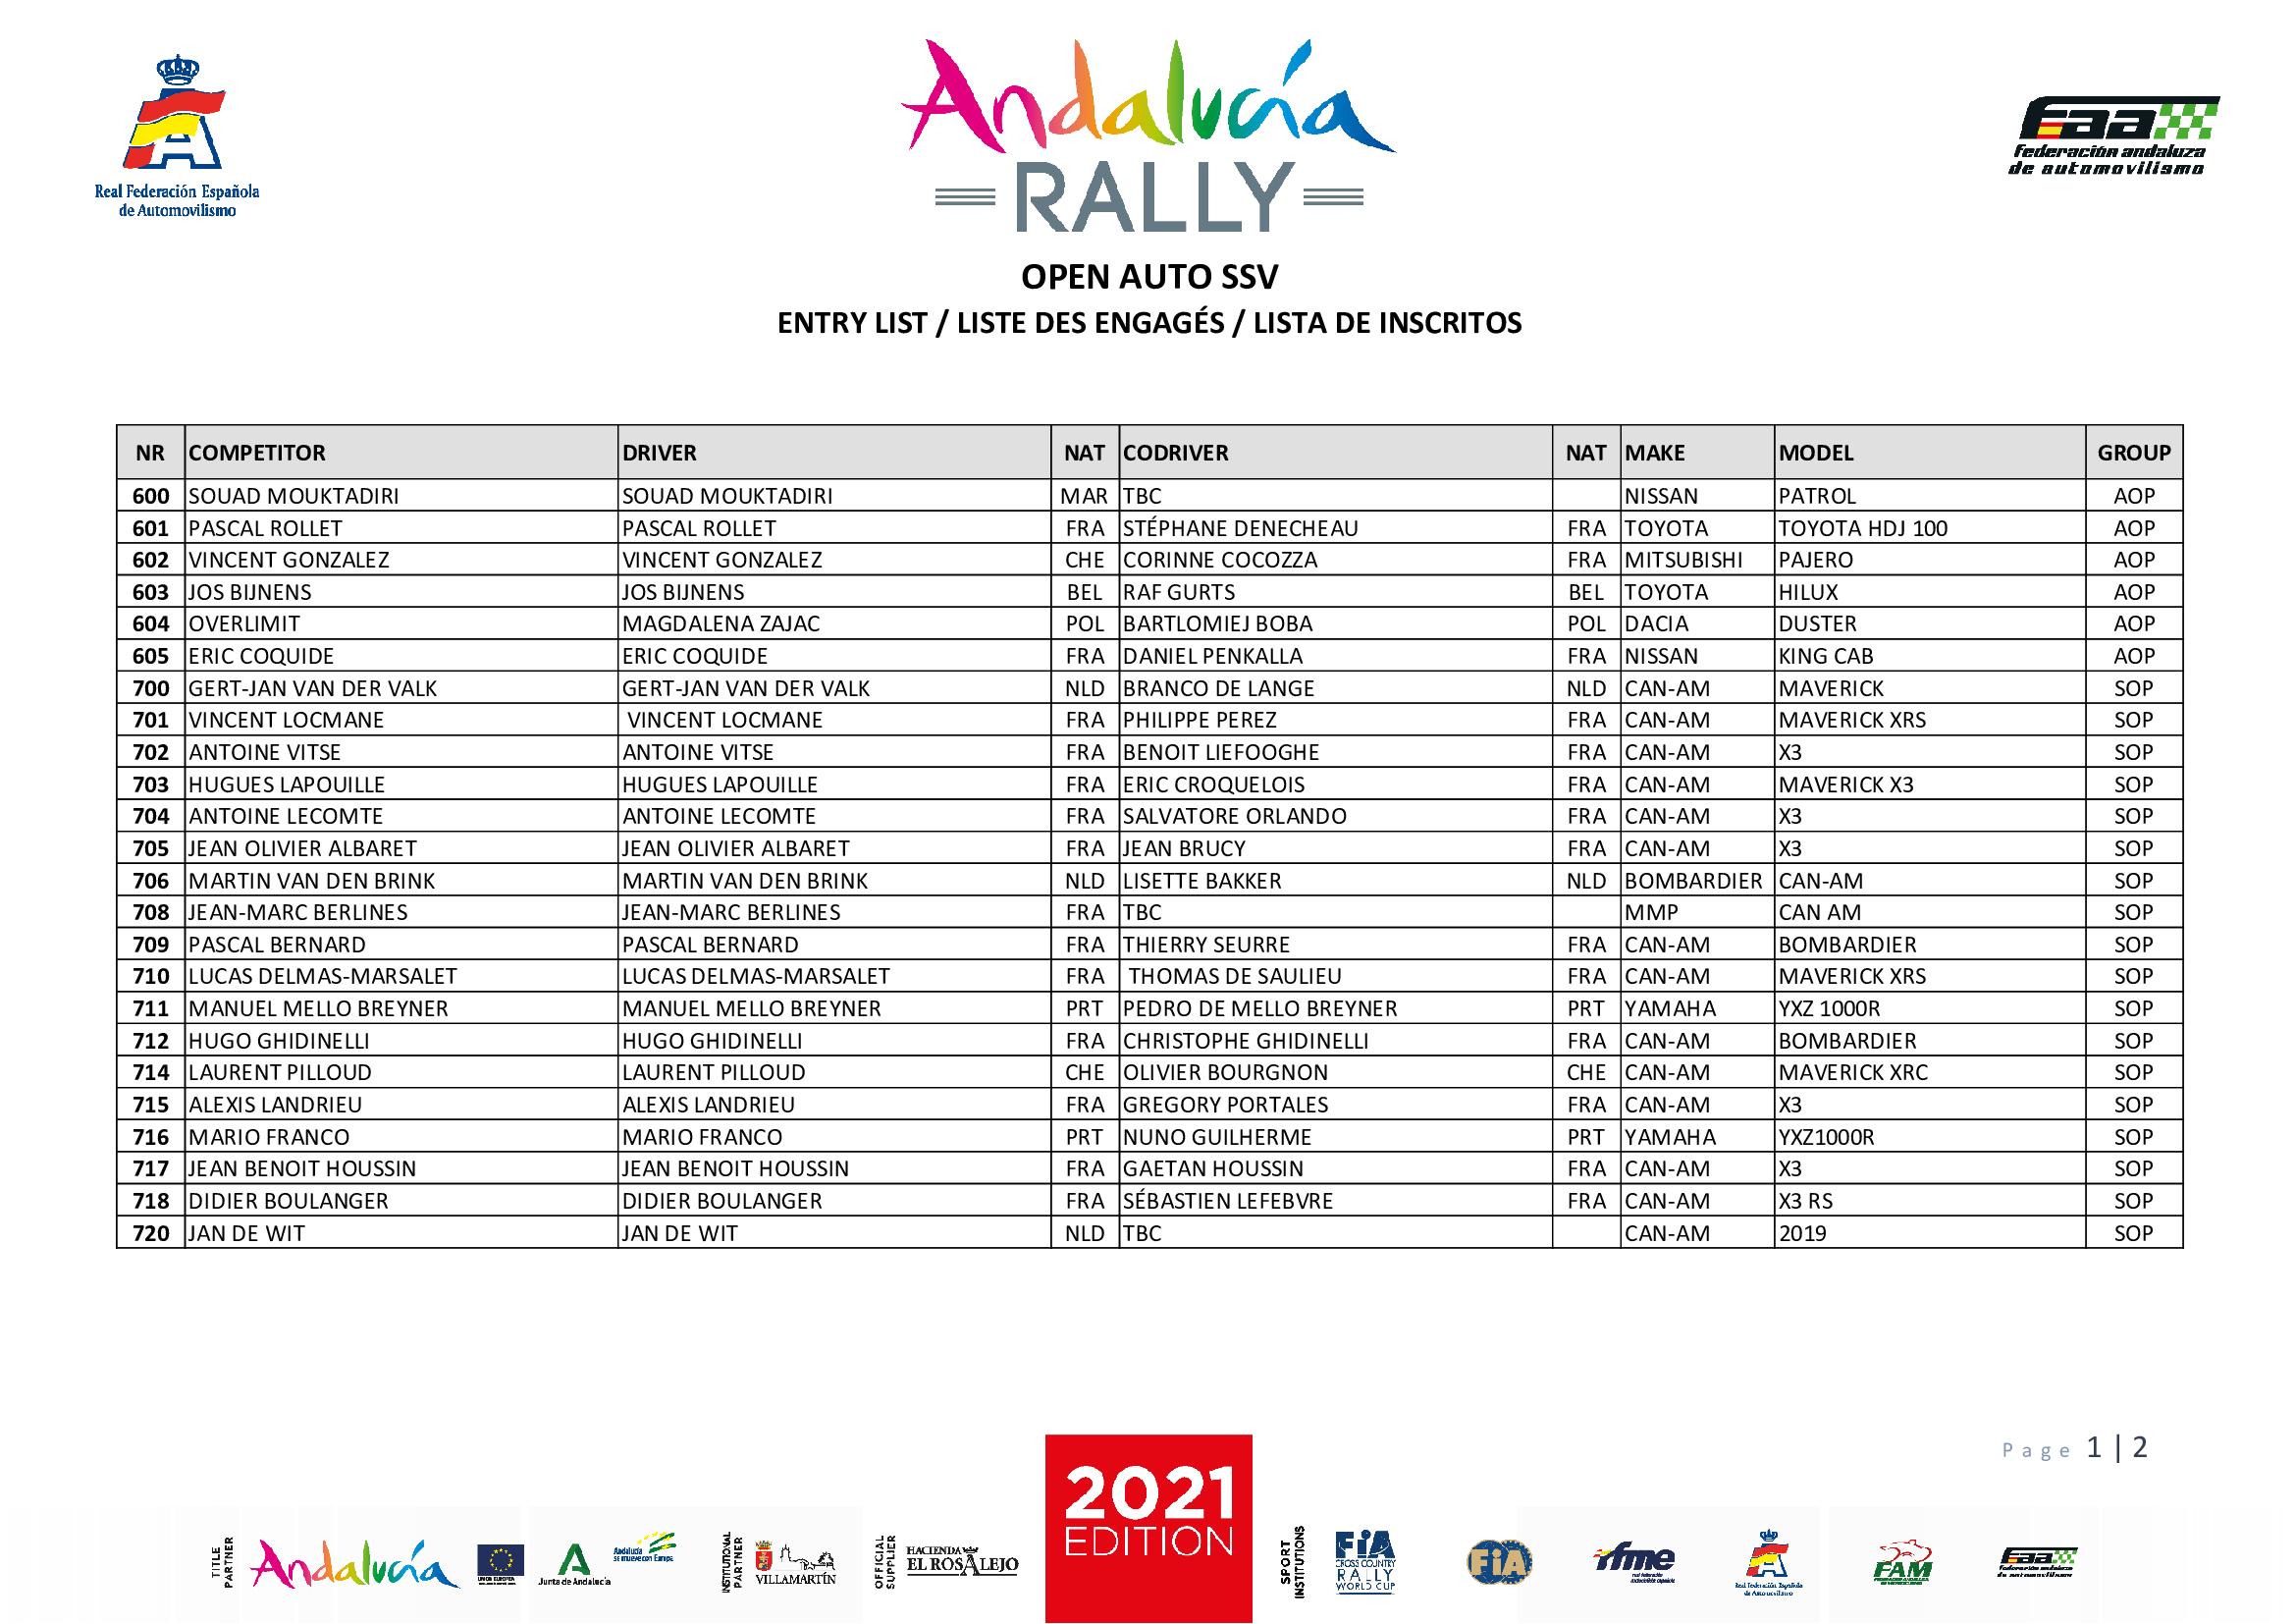 Inscritos Andalucía Rally 2021 - 3